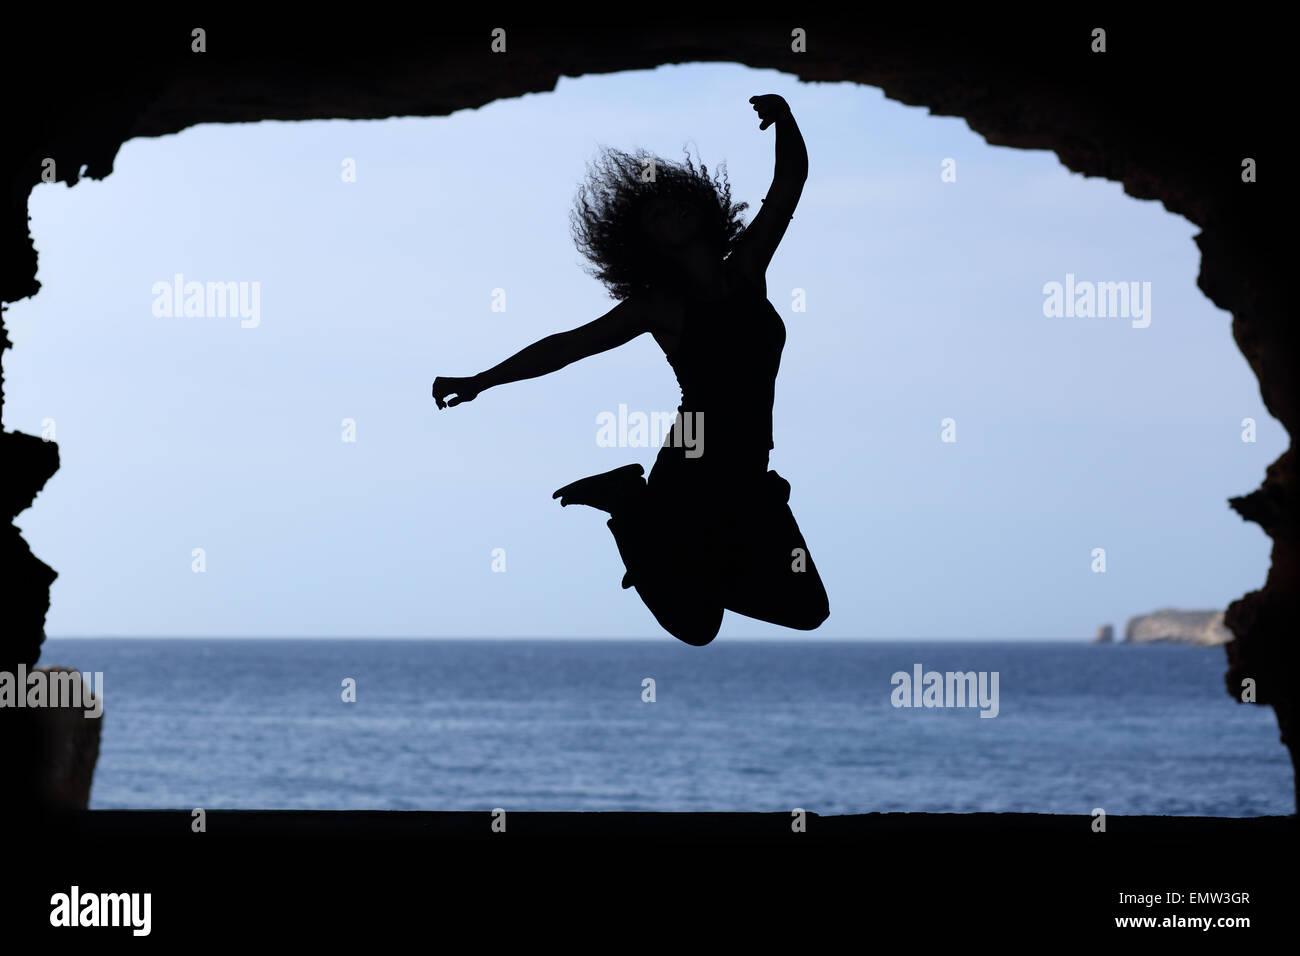 Silhouette Di Donna Salta Sulla Spiaggia Con Il Mare In Sottofondo